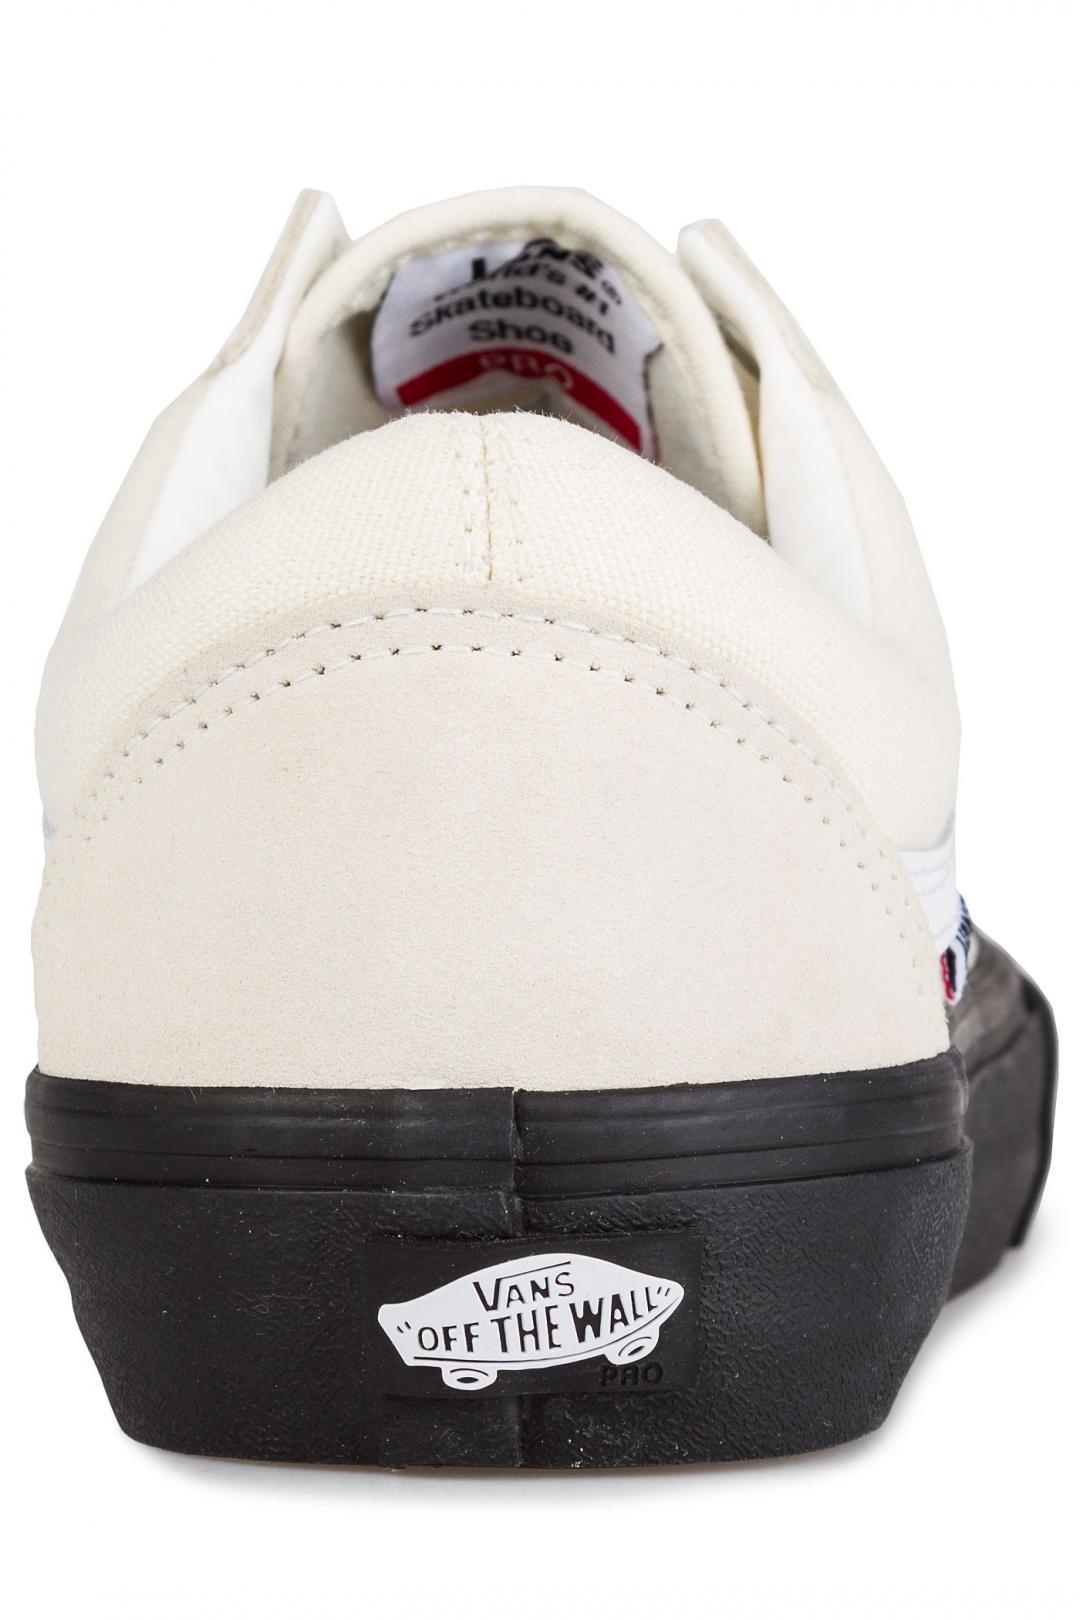 Uomo Vans Old Skool Pro classic white black | Scarpe da skate